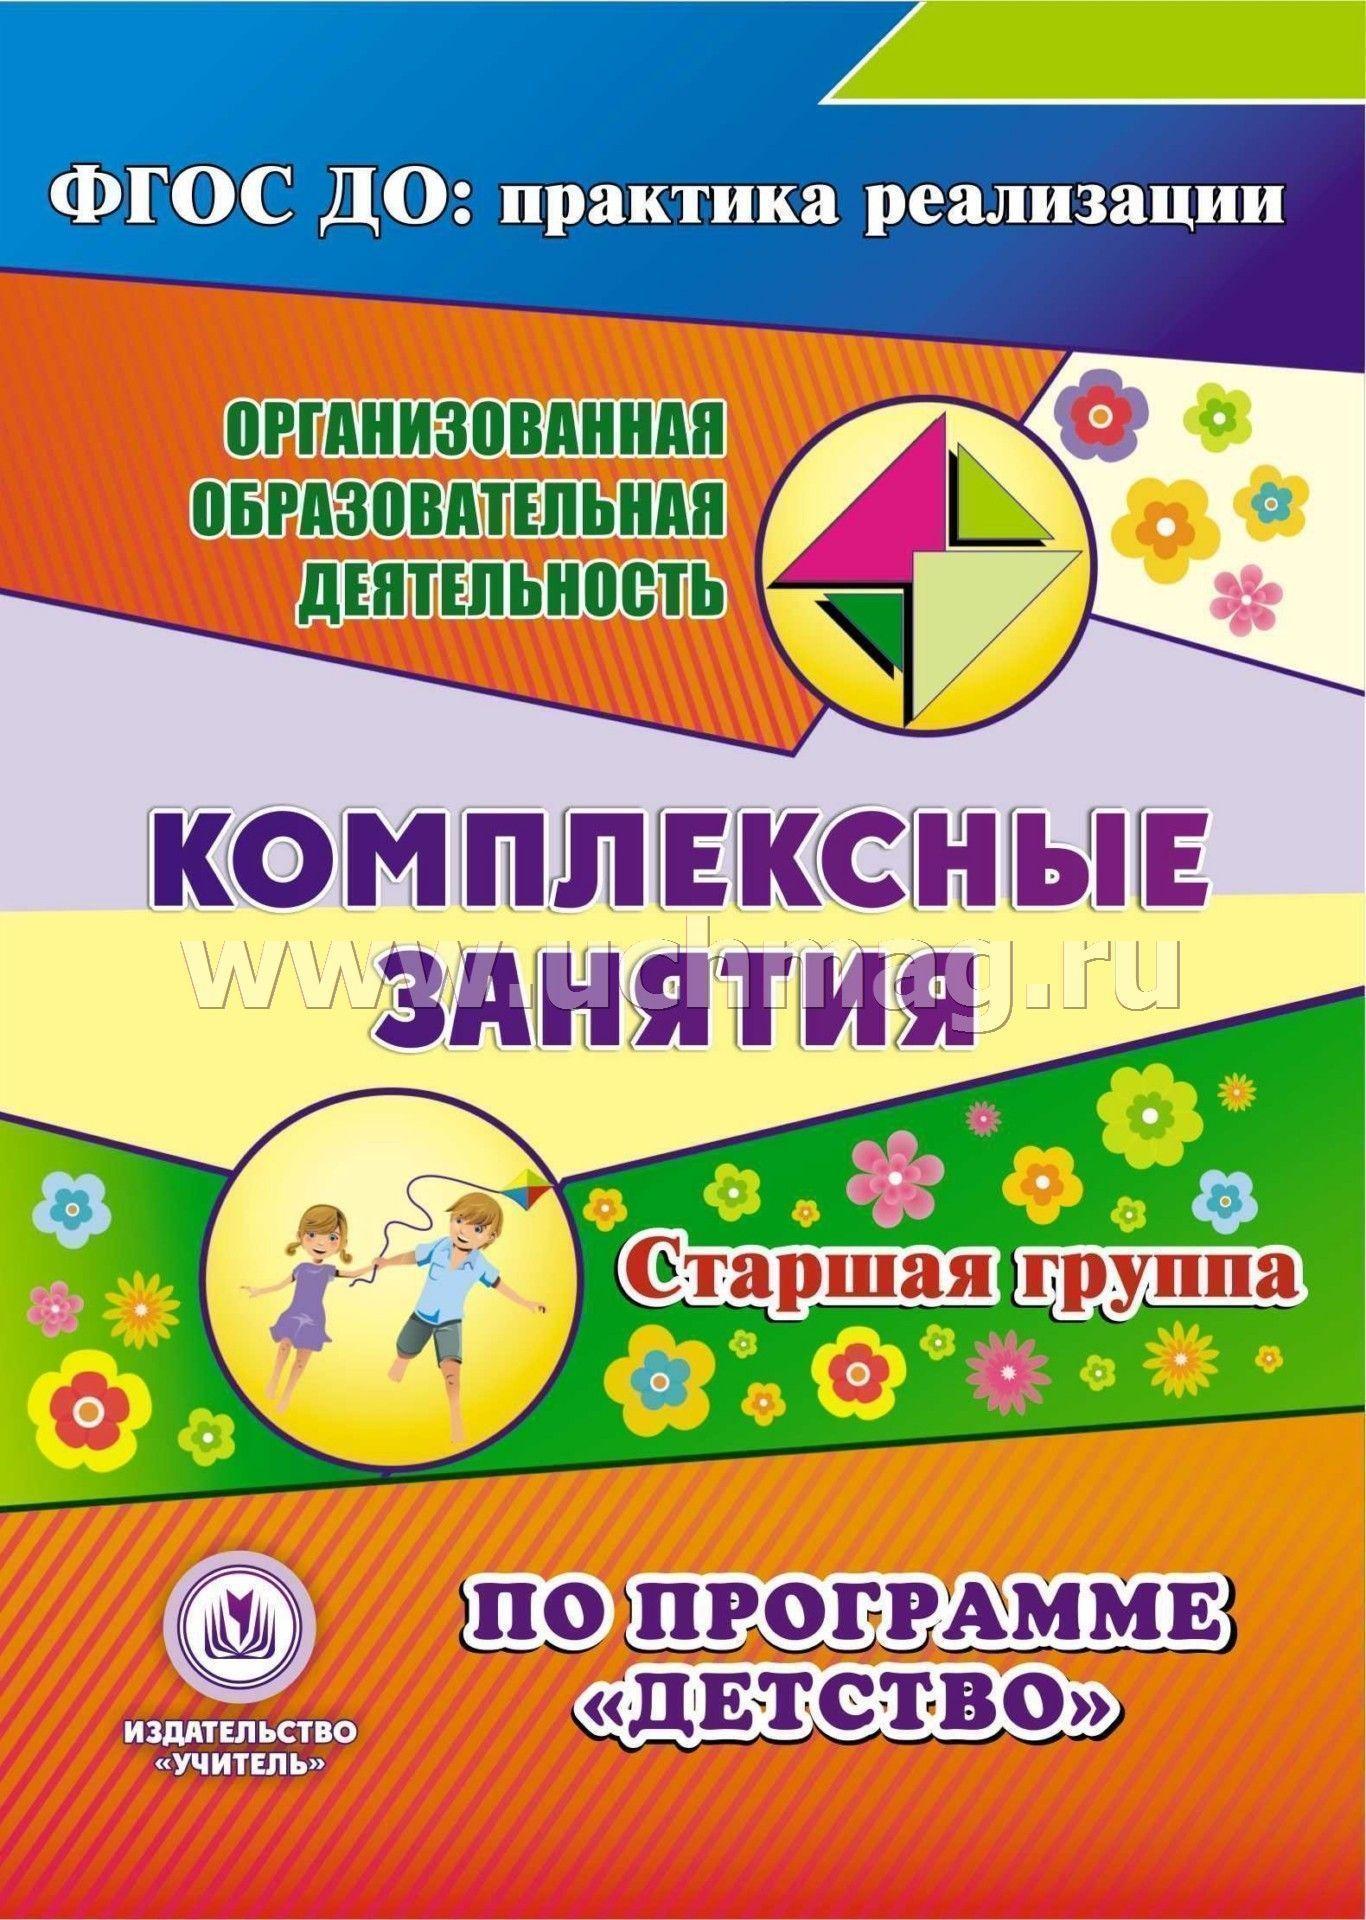 Старшая группа обучение грамоте скачать бесплатно без регистрации украина учиться на кондитера в